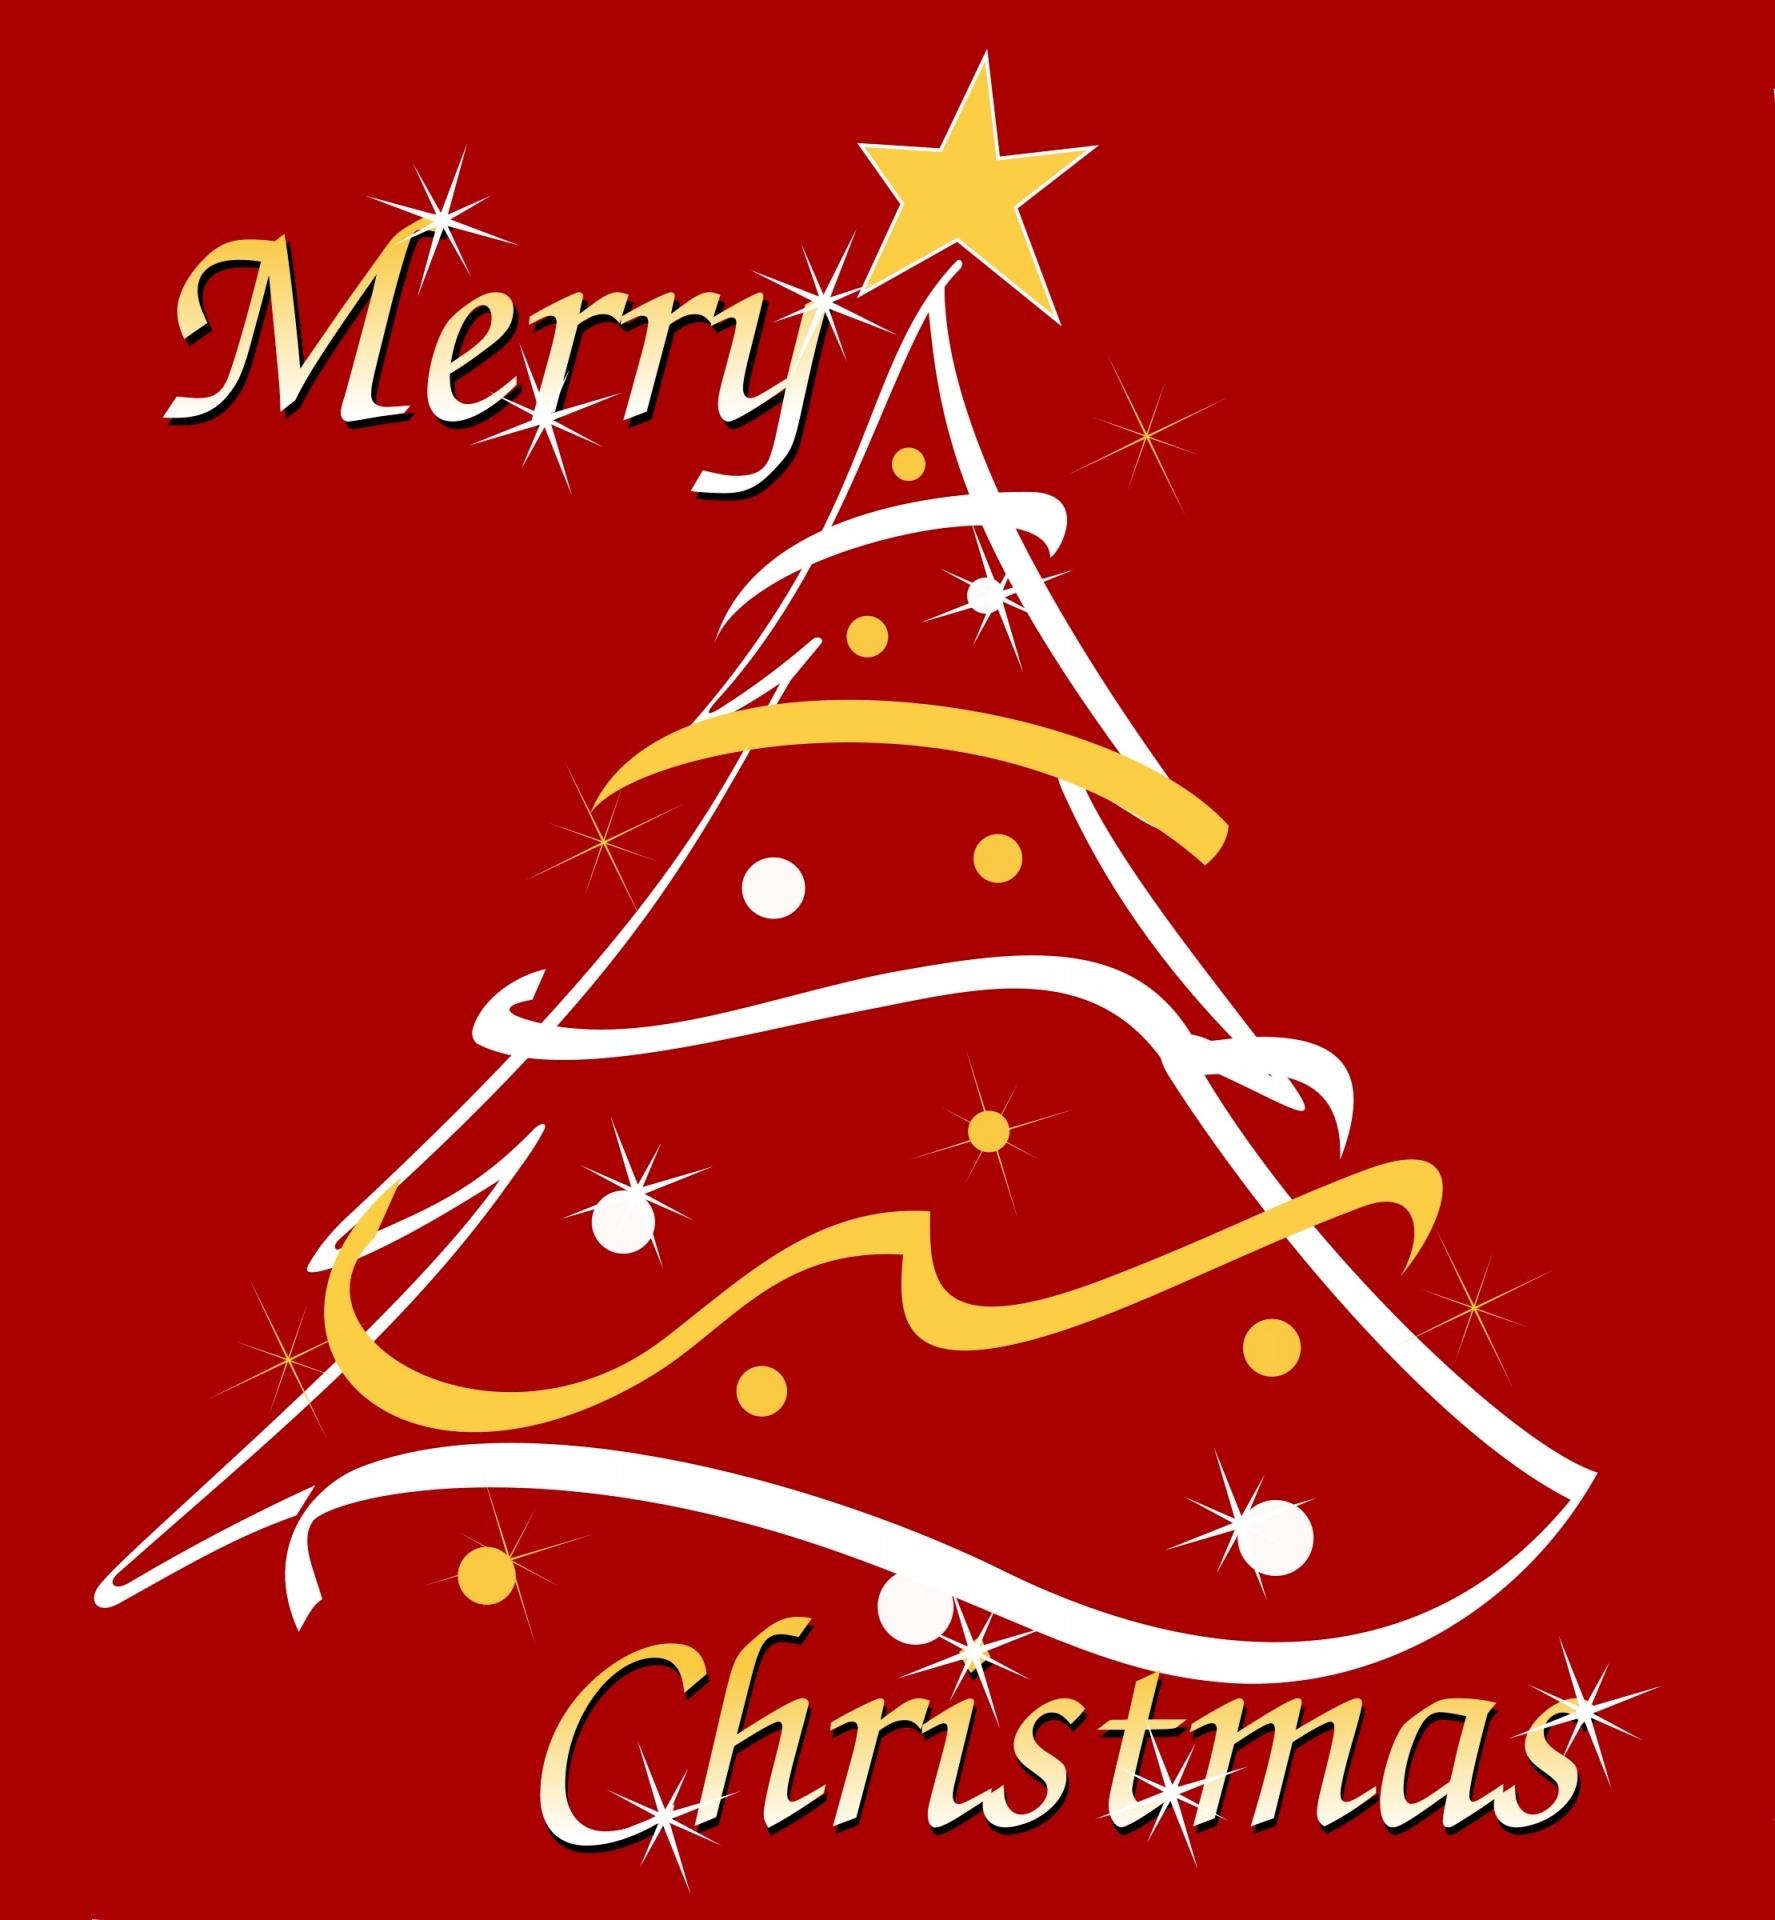 is the war on christmas really over - The War On Christmas